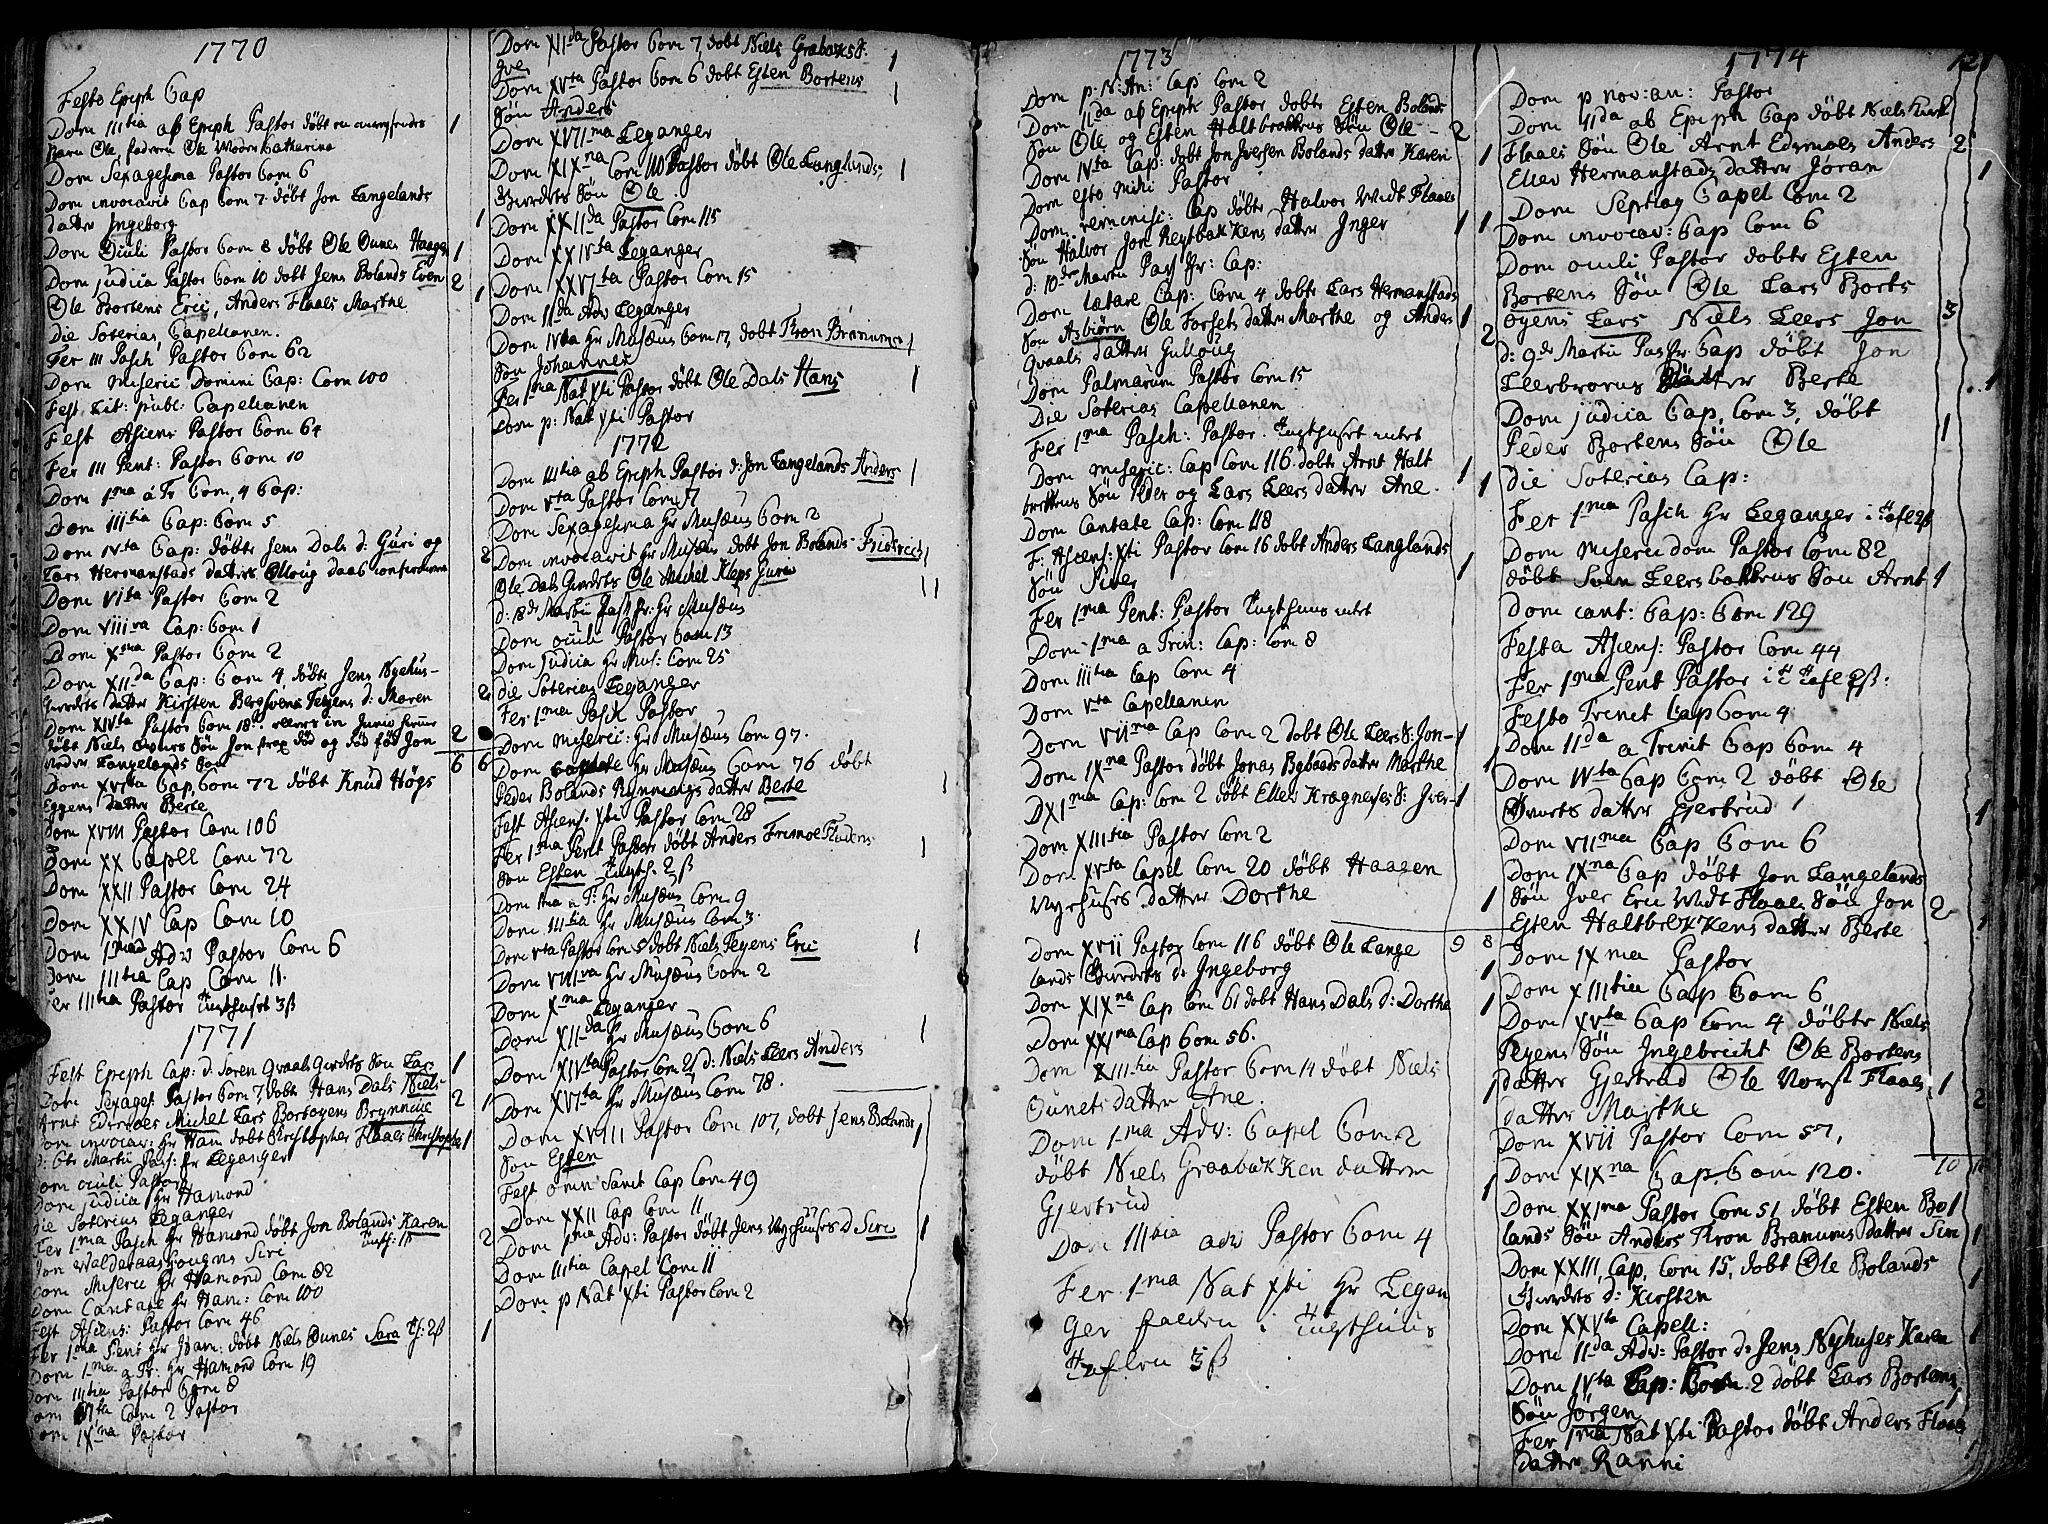 SAT, Ministerialprotokoller, klokkerbøker og fødselsregistre - Sør-Trøndelag, 691/L1062: Ministerialbok nr. 691A02 /2, 1768-1815, s. 121